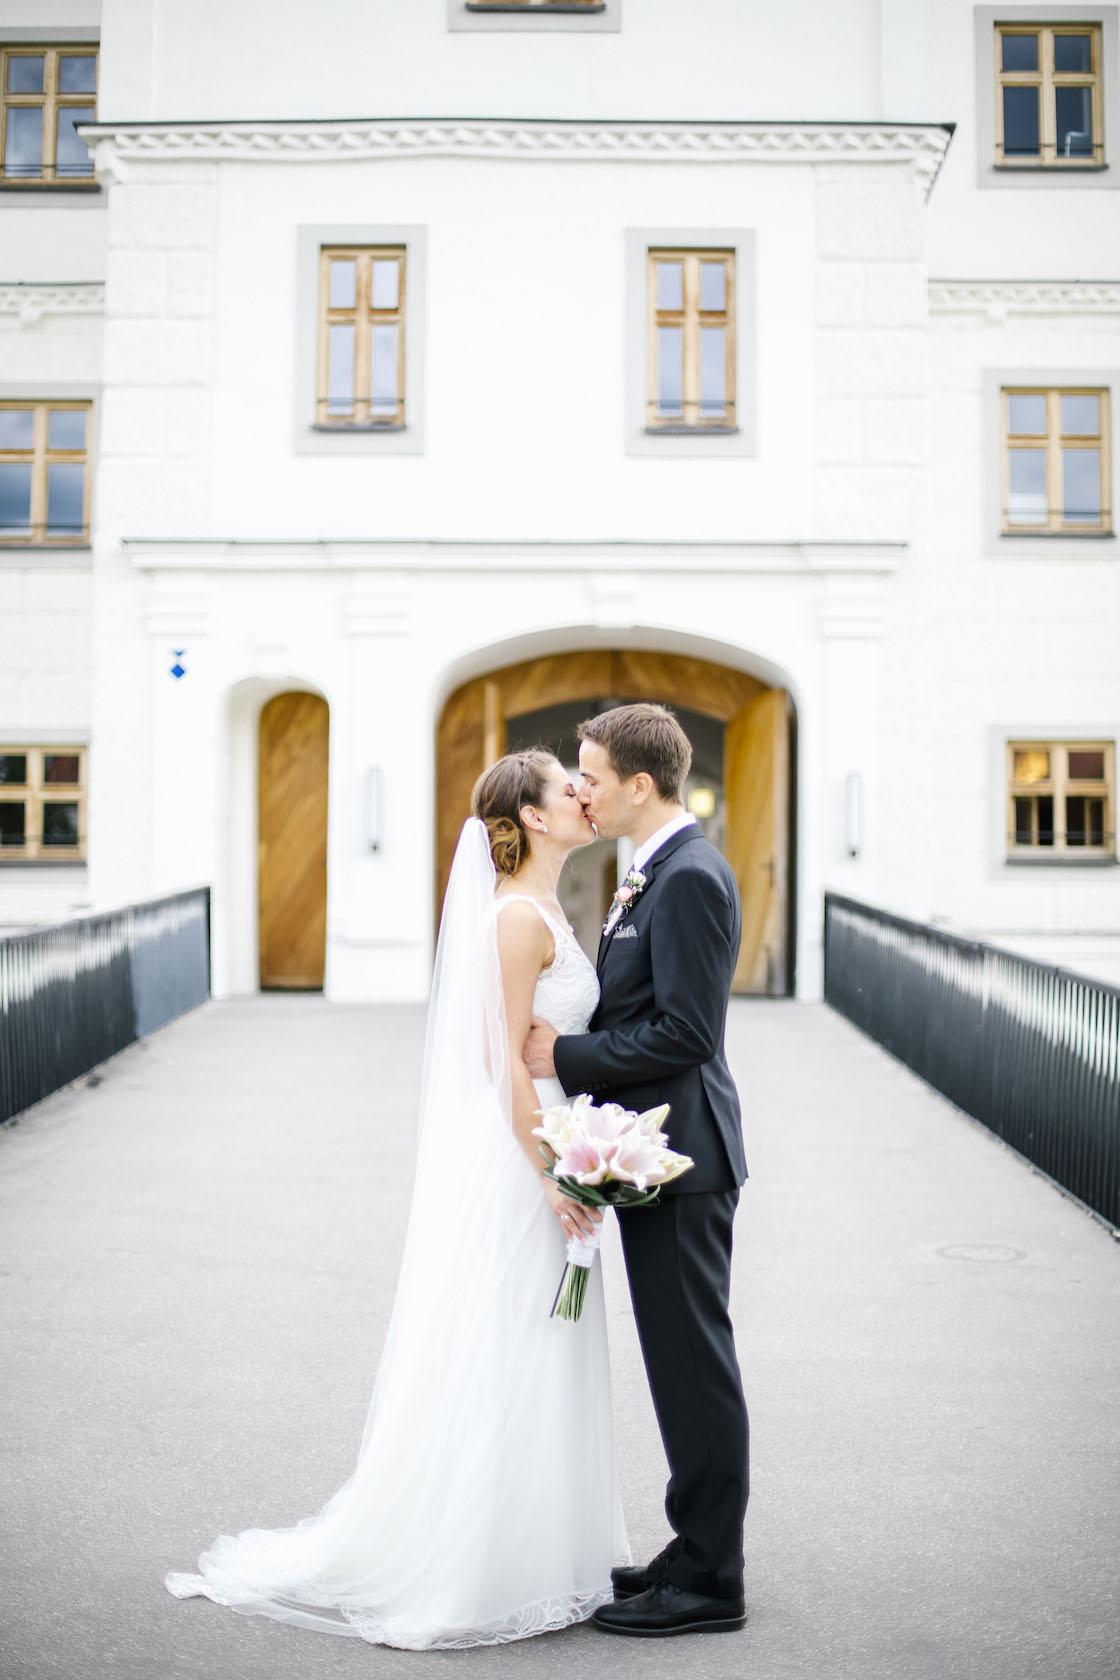 SarahBernd HochzeitSchlossHohenkammerHochzeitsfotografSindiaBoldt 304 Kopie